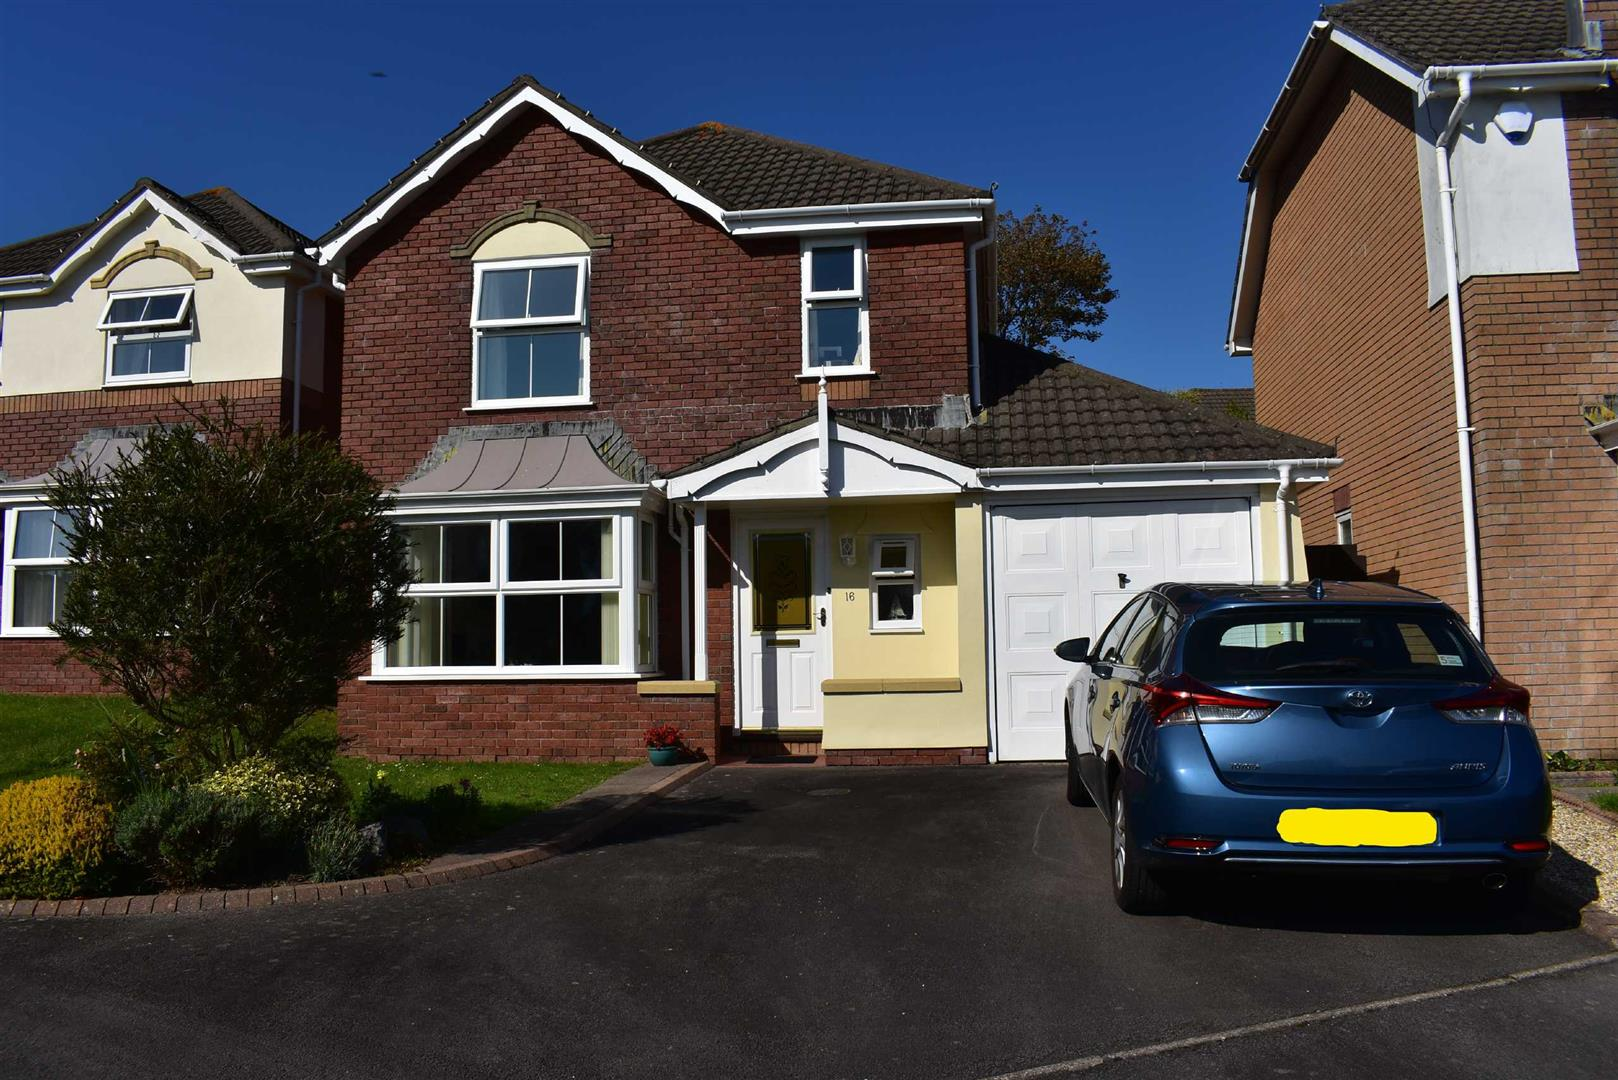 Libby Way, Limeslade, Swansea, SA3 4LB